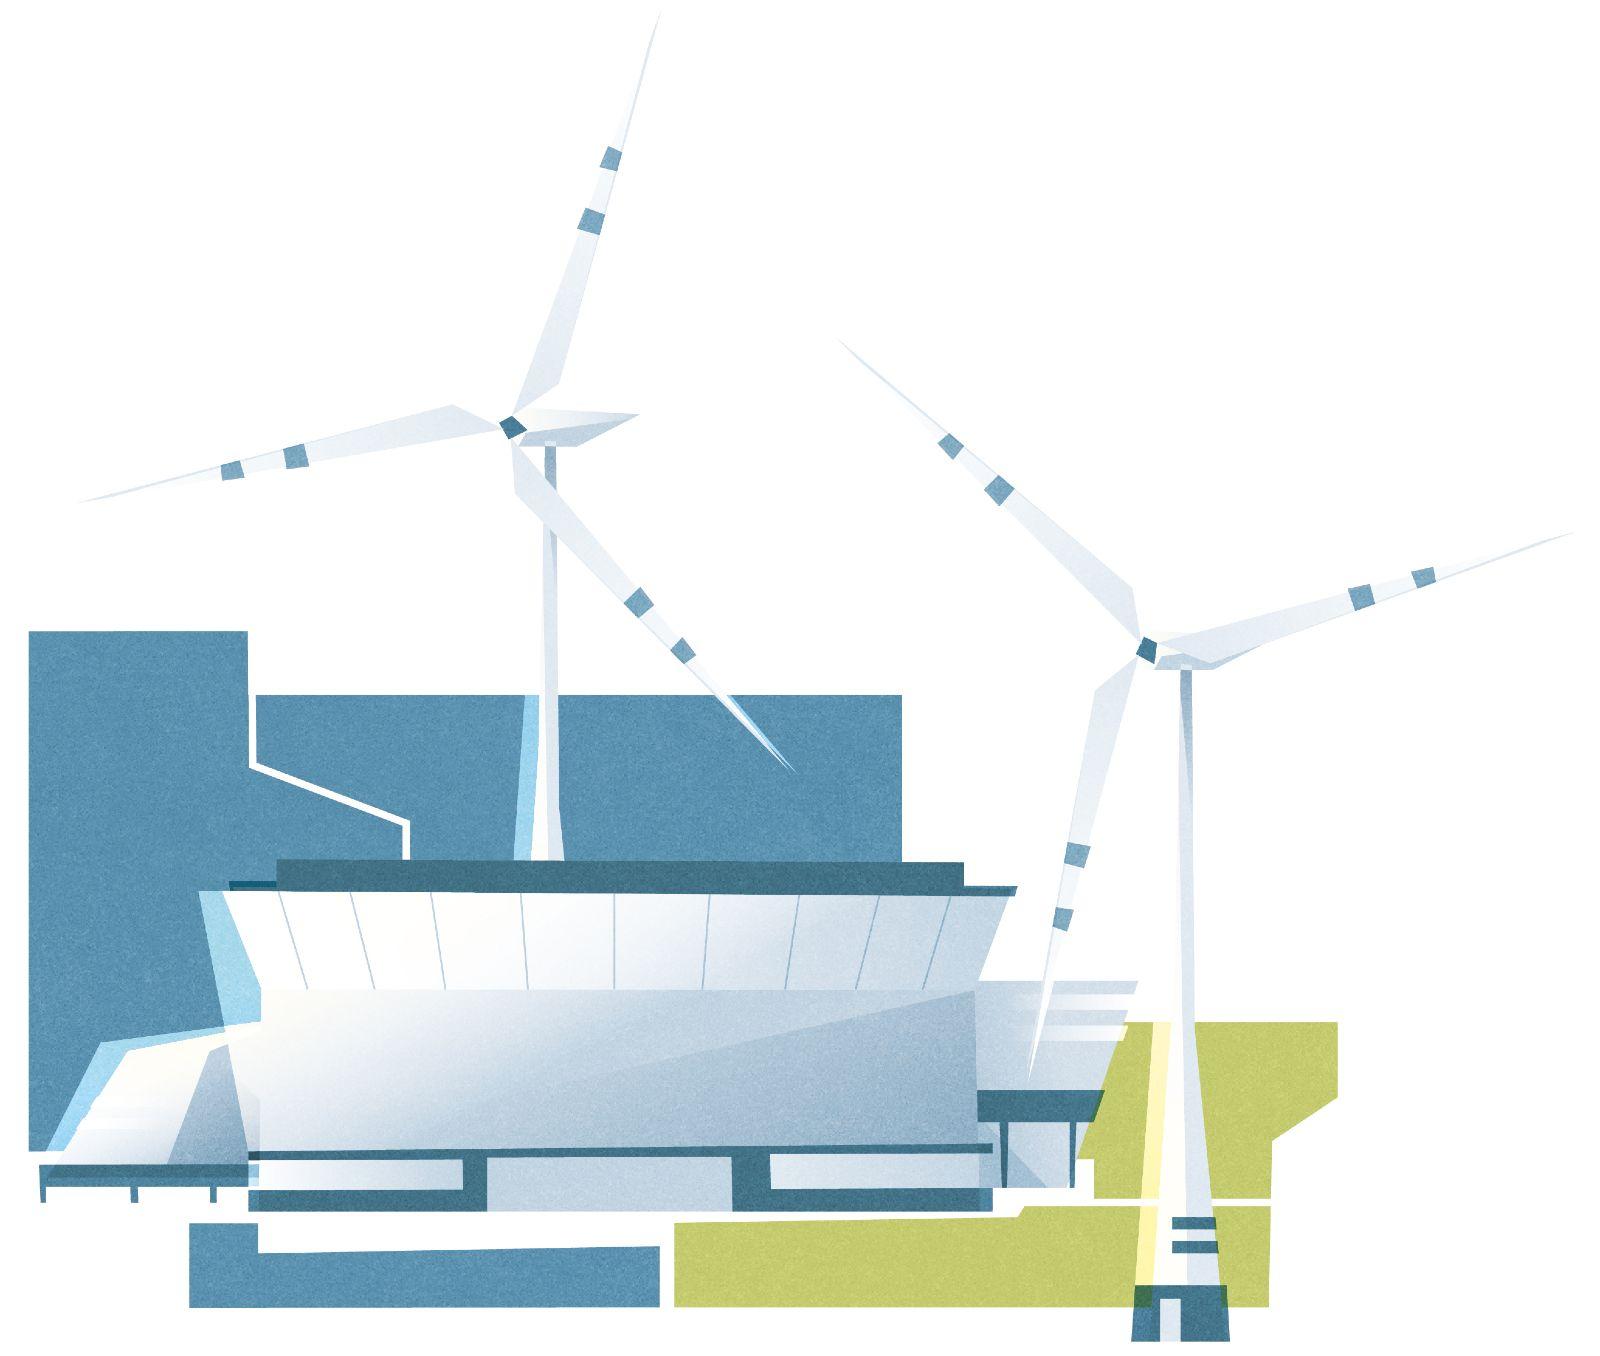 Das Bild zeigt eine Zeichnung eines Elektrolyseurs vor einem Windpark.